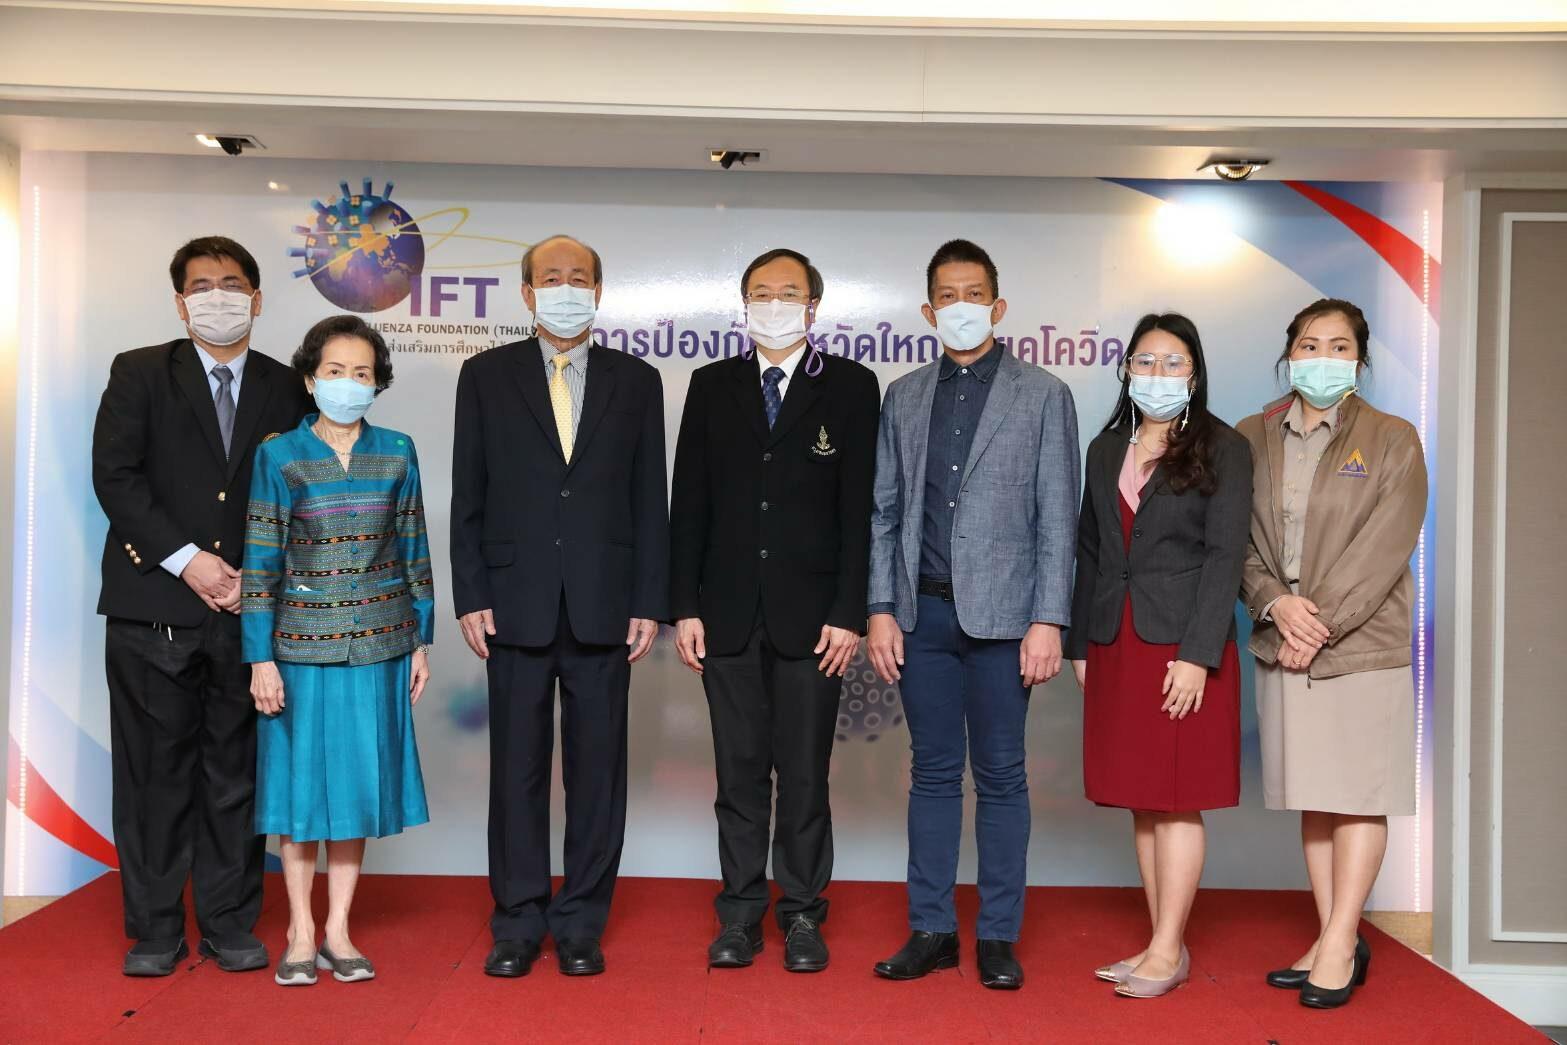 แพทย์ไทยเตือนประชาชนให้ความสำคัญในการป้องกันไข้หวัดใหญ่ช่วงโควิด-19